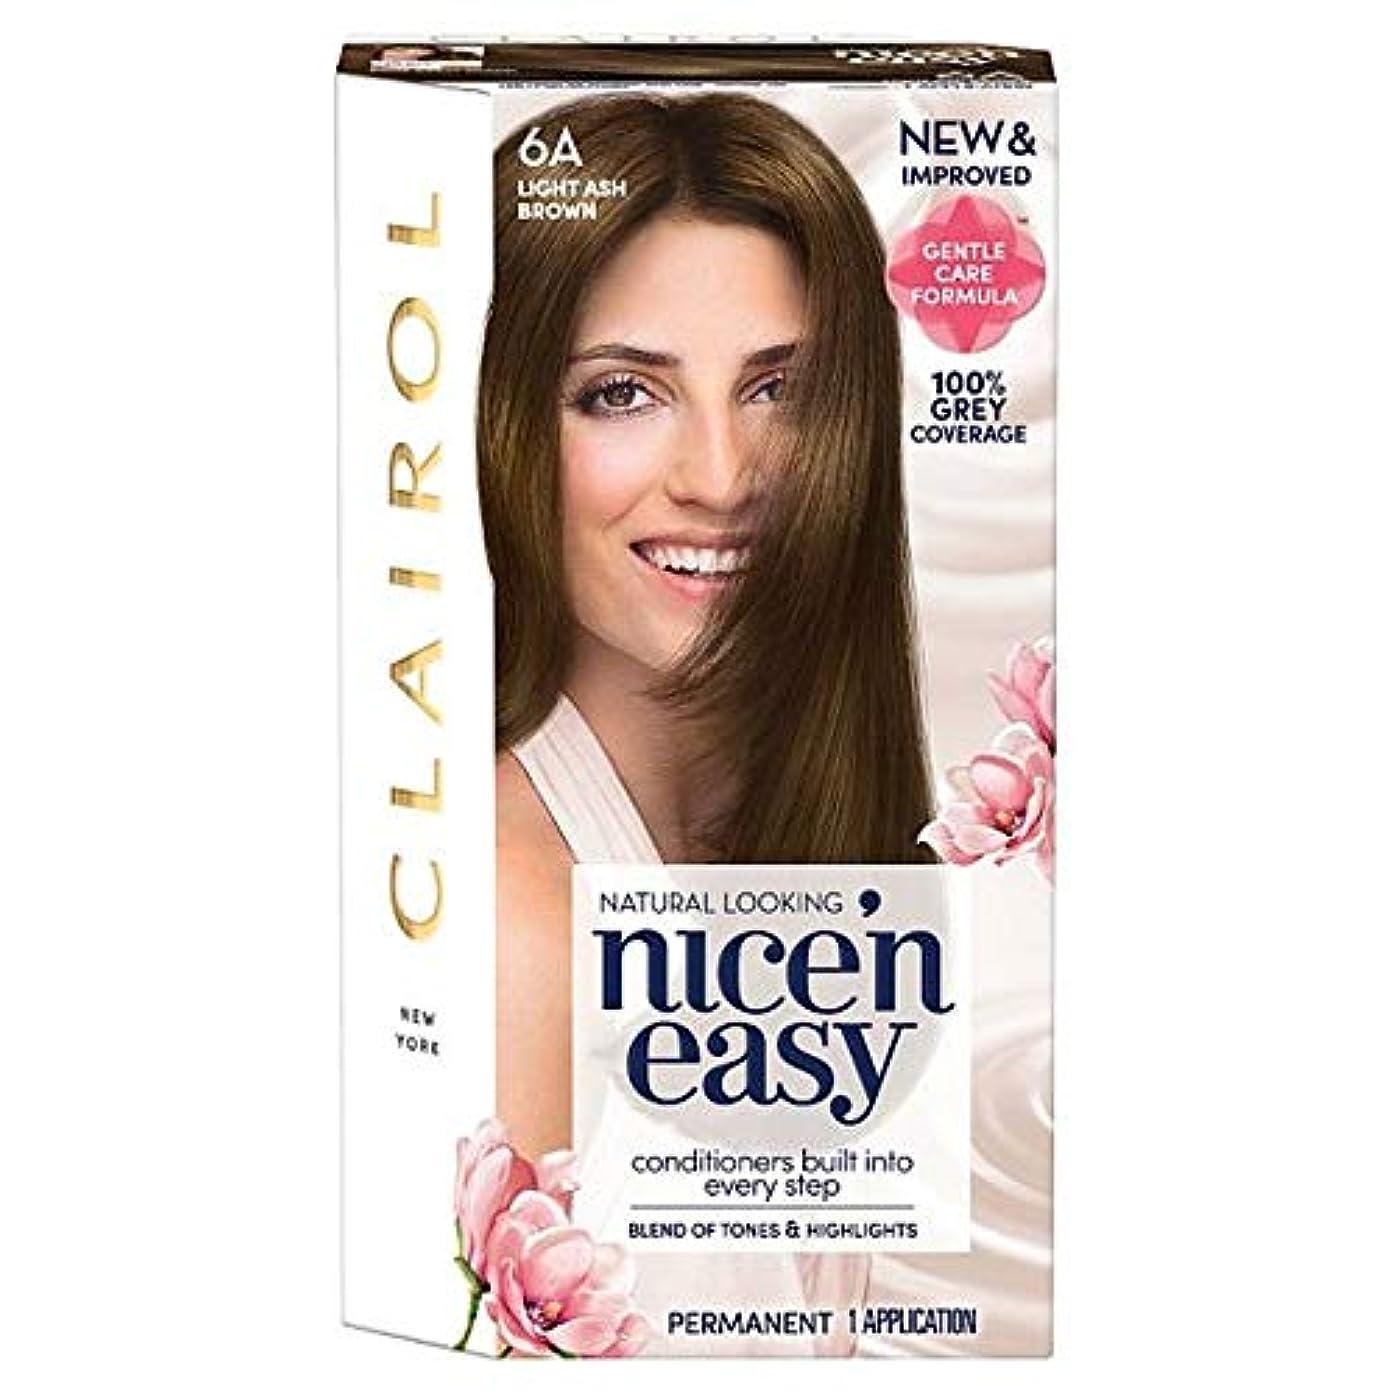 仮説の中で電化する[Nice'n Easy] クレイロール素敵な「N簡単軽灰褐色6Aの染毛剤 - Clairol Nice 'N Easy Light Ash Brown 6A Hair Dye [並行輸入品]